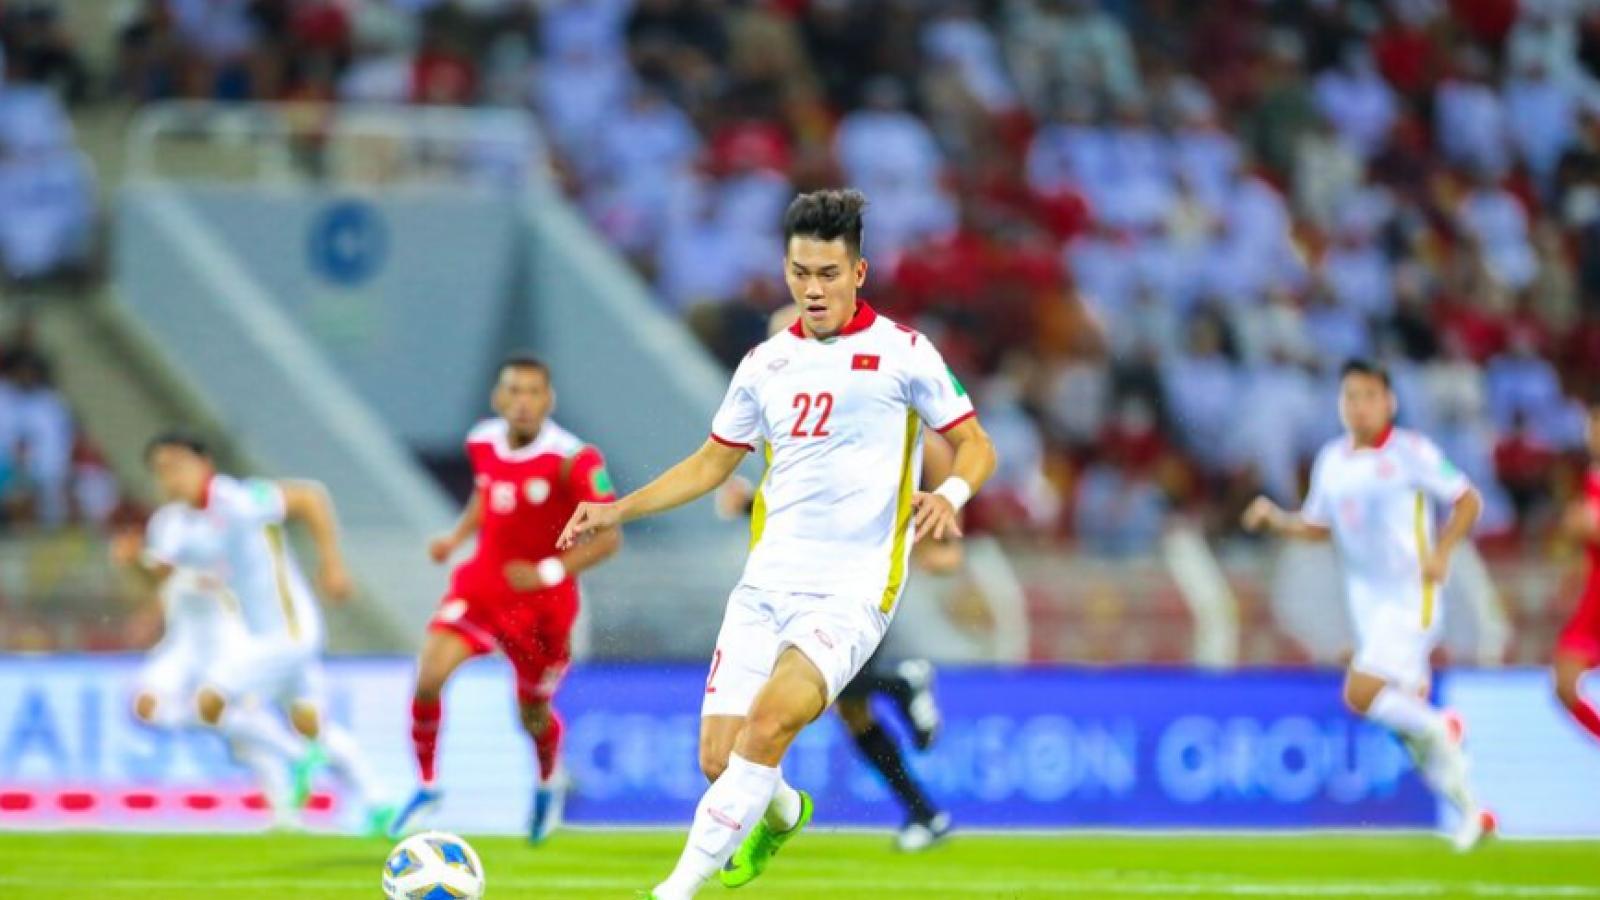 Tiến Linh đánh bại Son Heung-min để giật giải thưởng của AFC